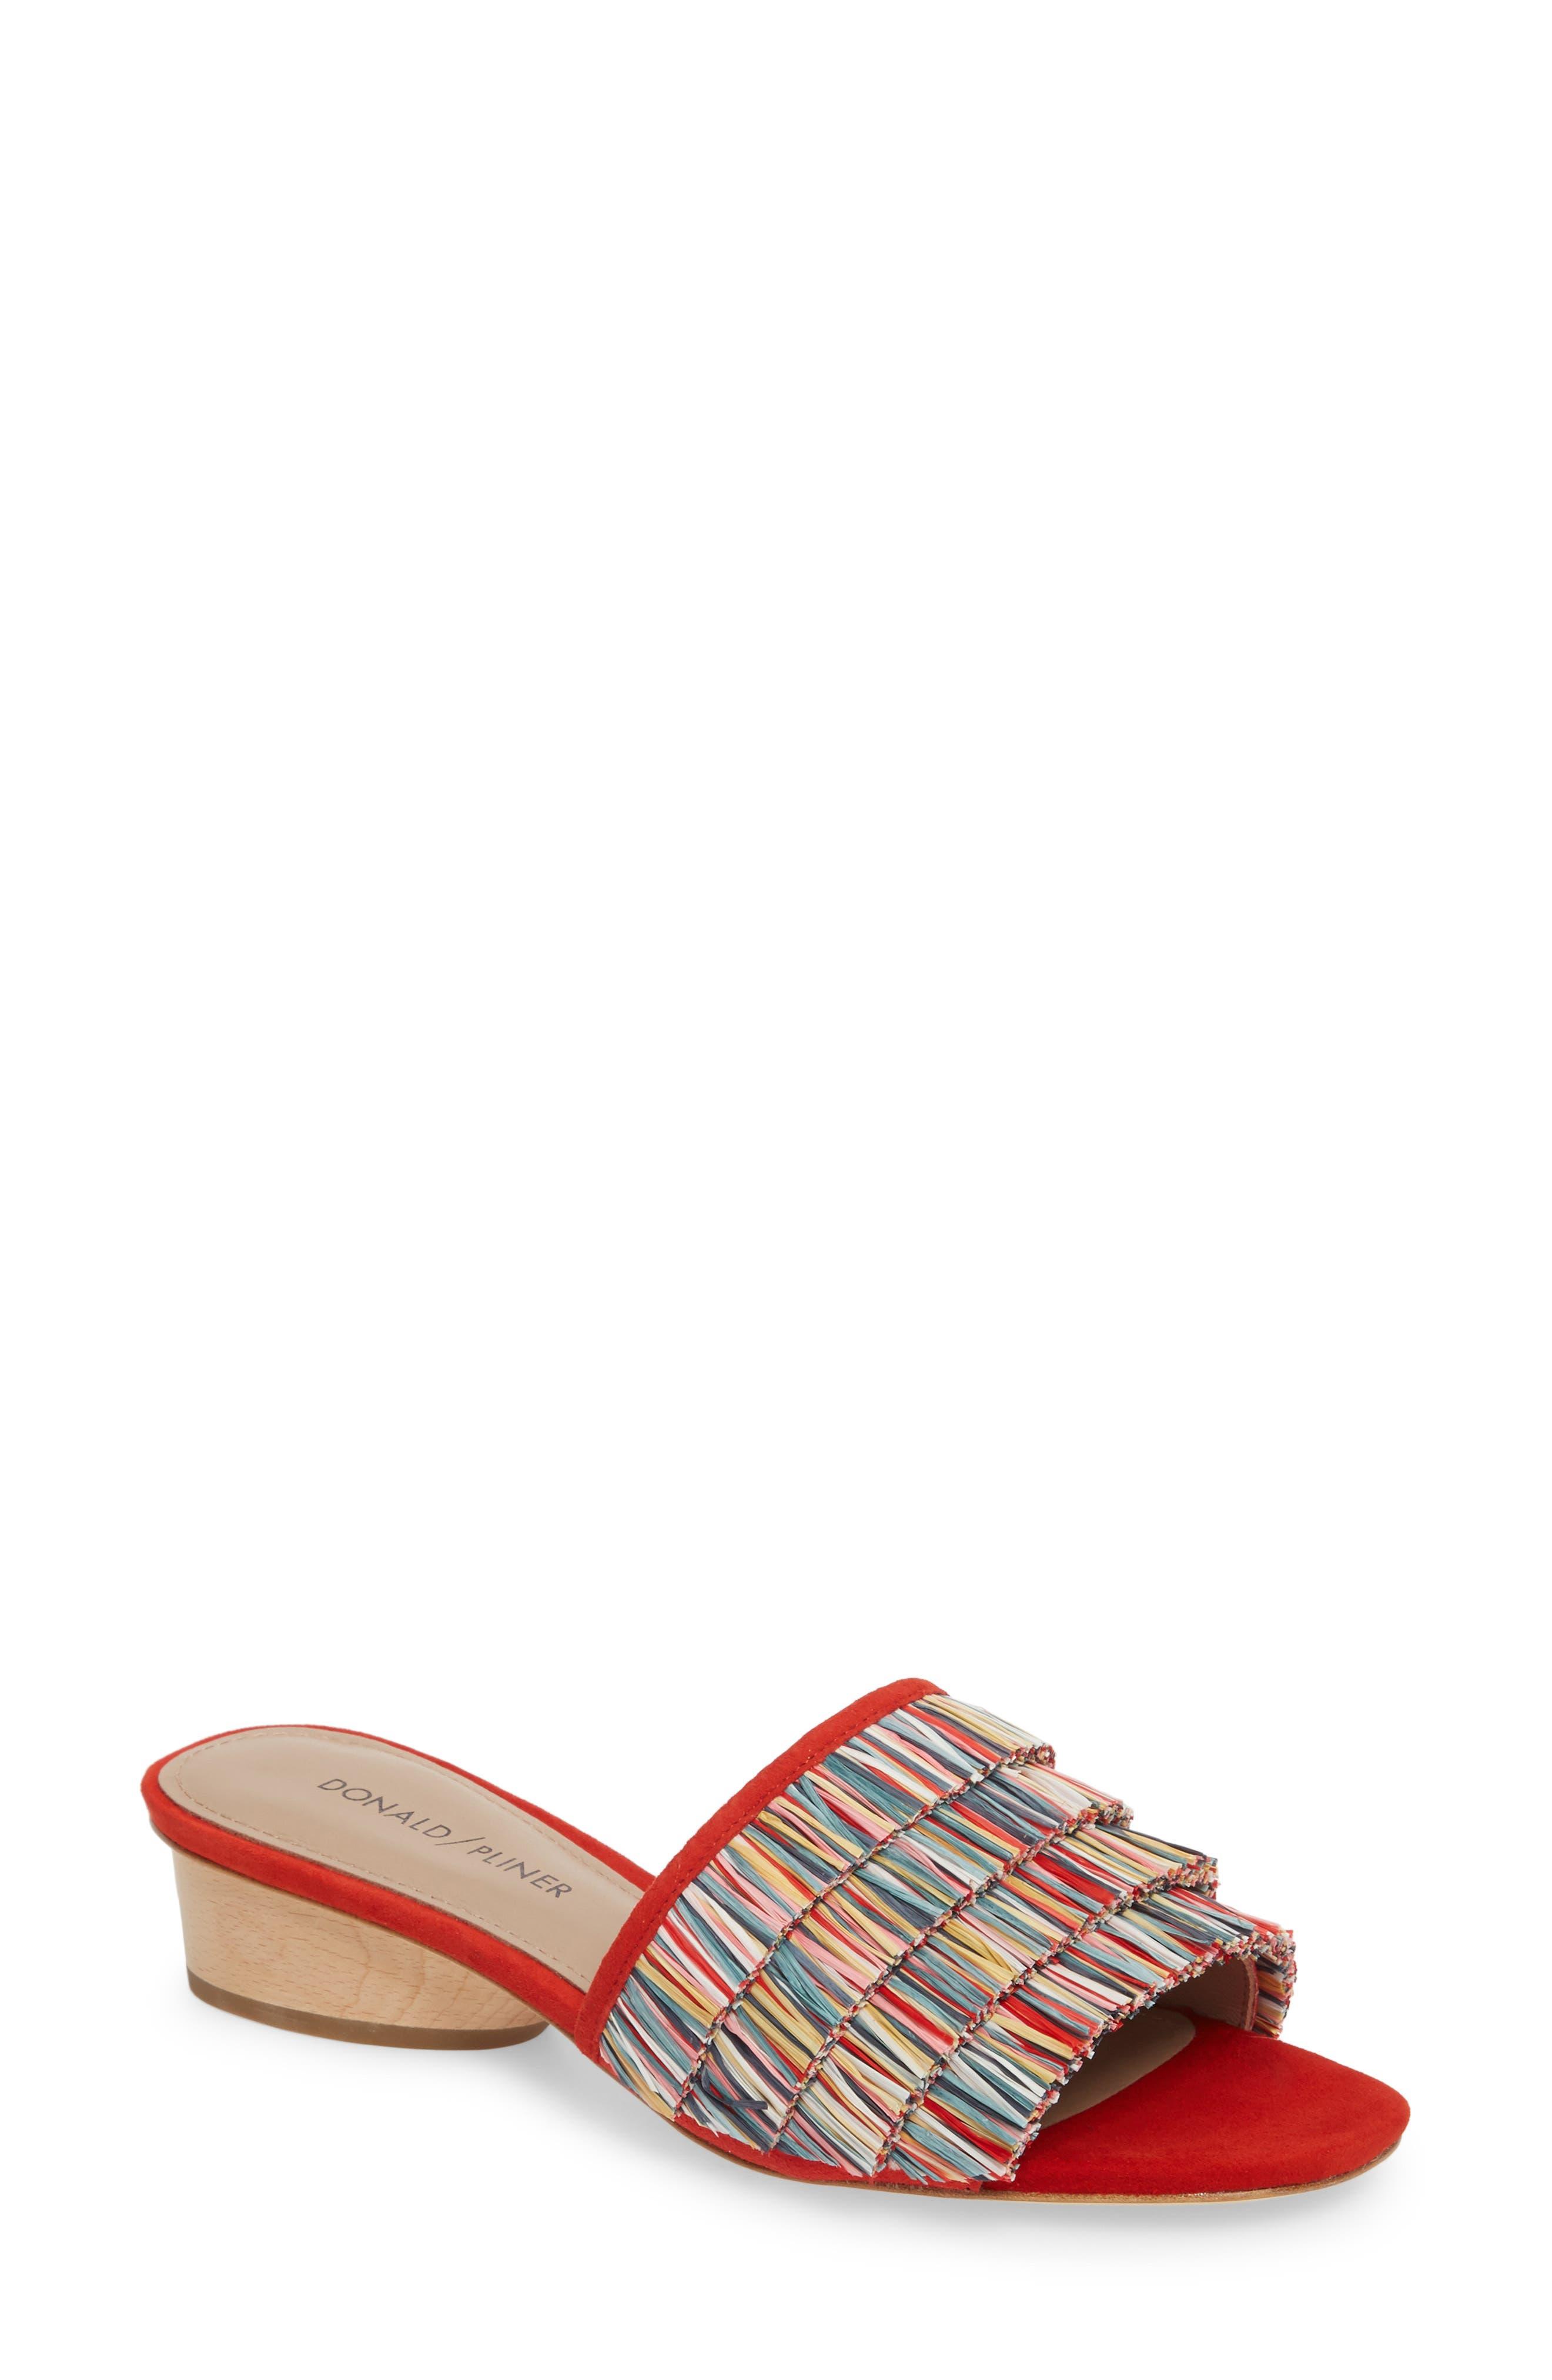 Reise Slide Sandal,                             Main thumbnail 1, color,